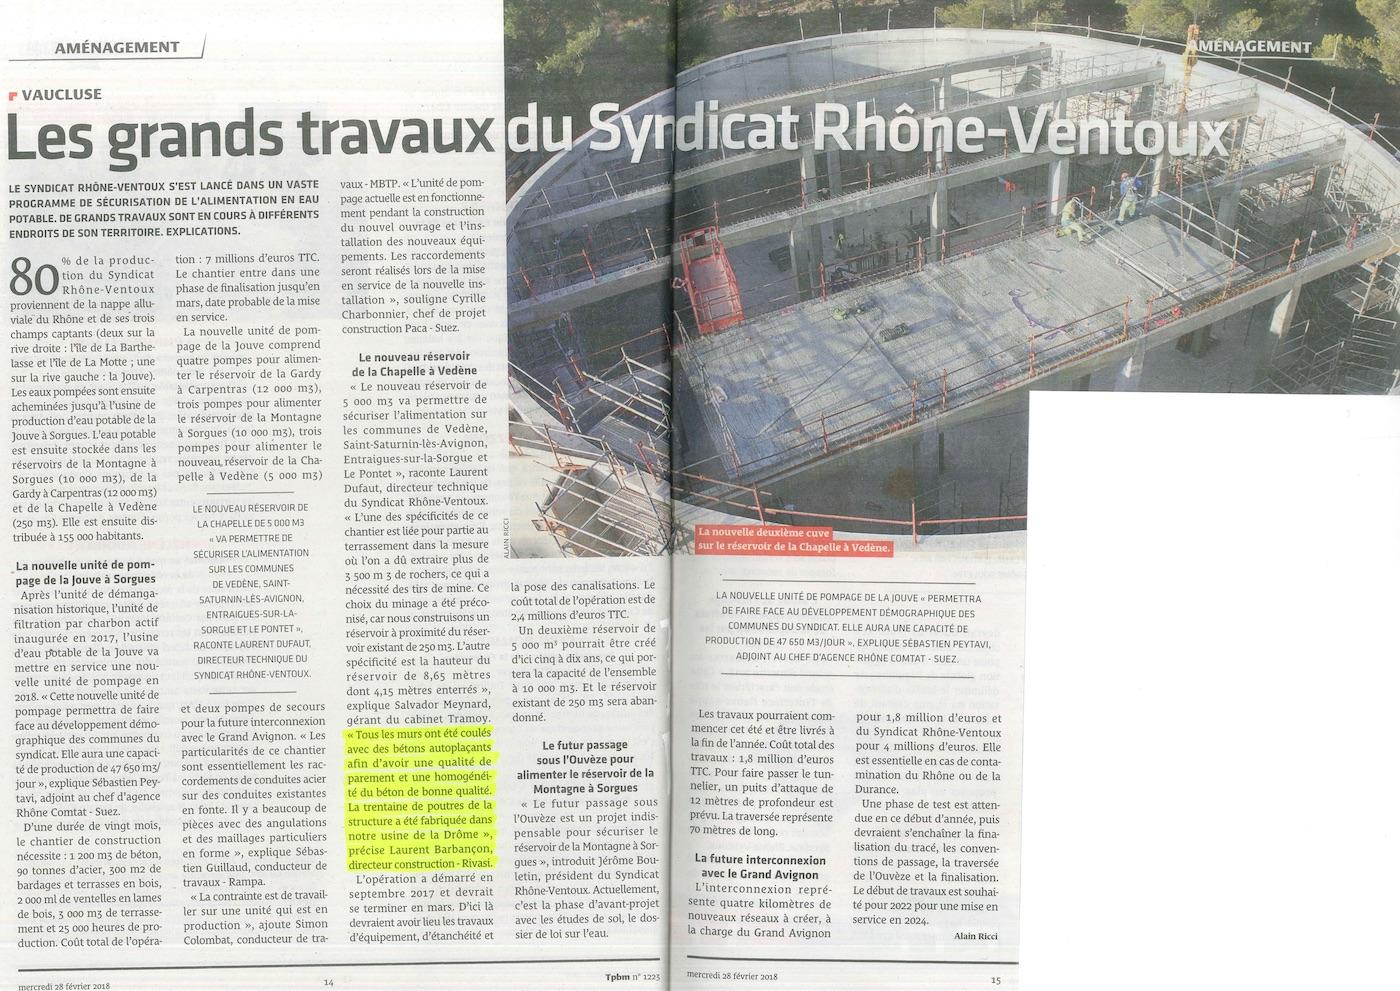 Les grands travaux du syndicat Rhône-Ventoux